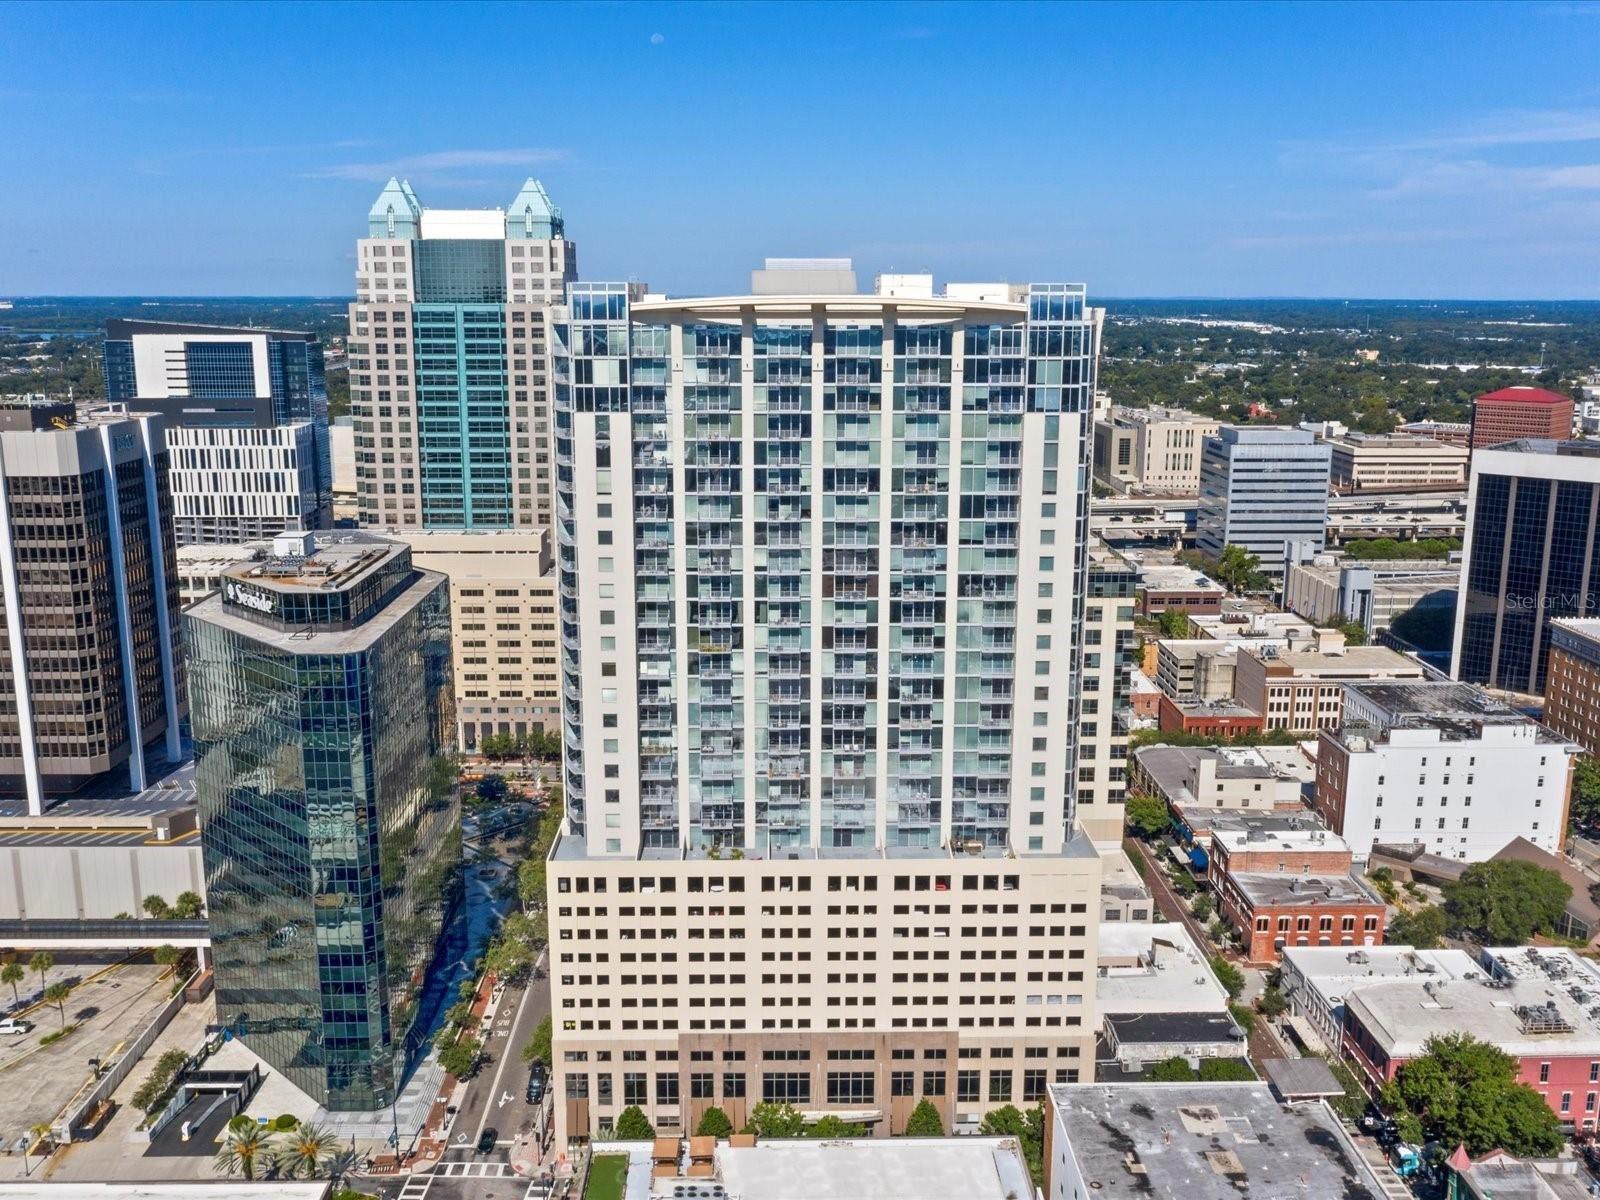 155 S COURT AVENUE #1413, Orlando, FL 32801 - #: O5967209